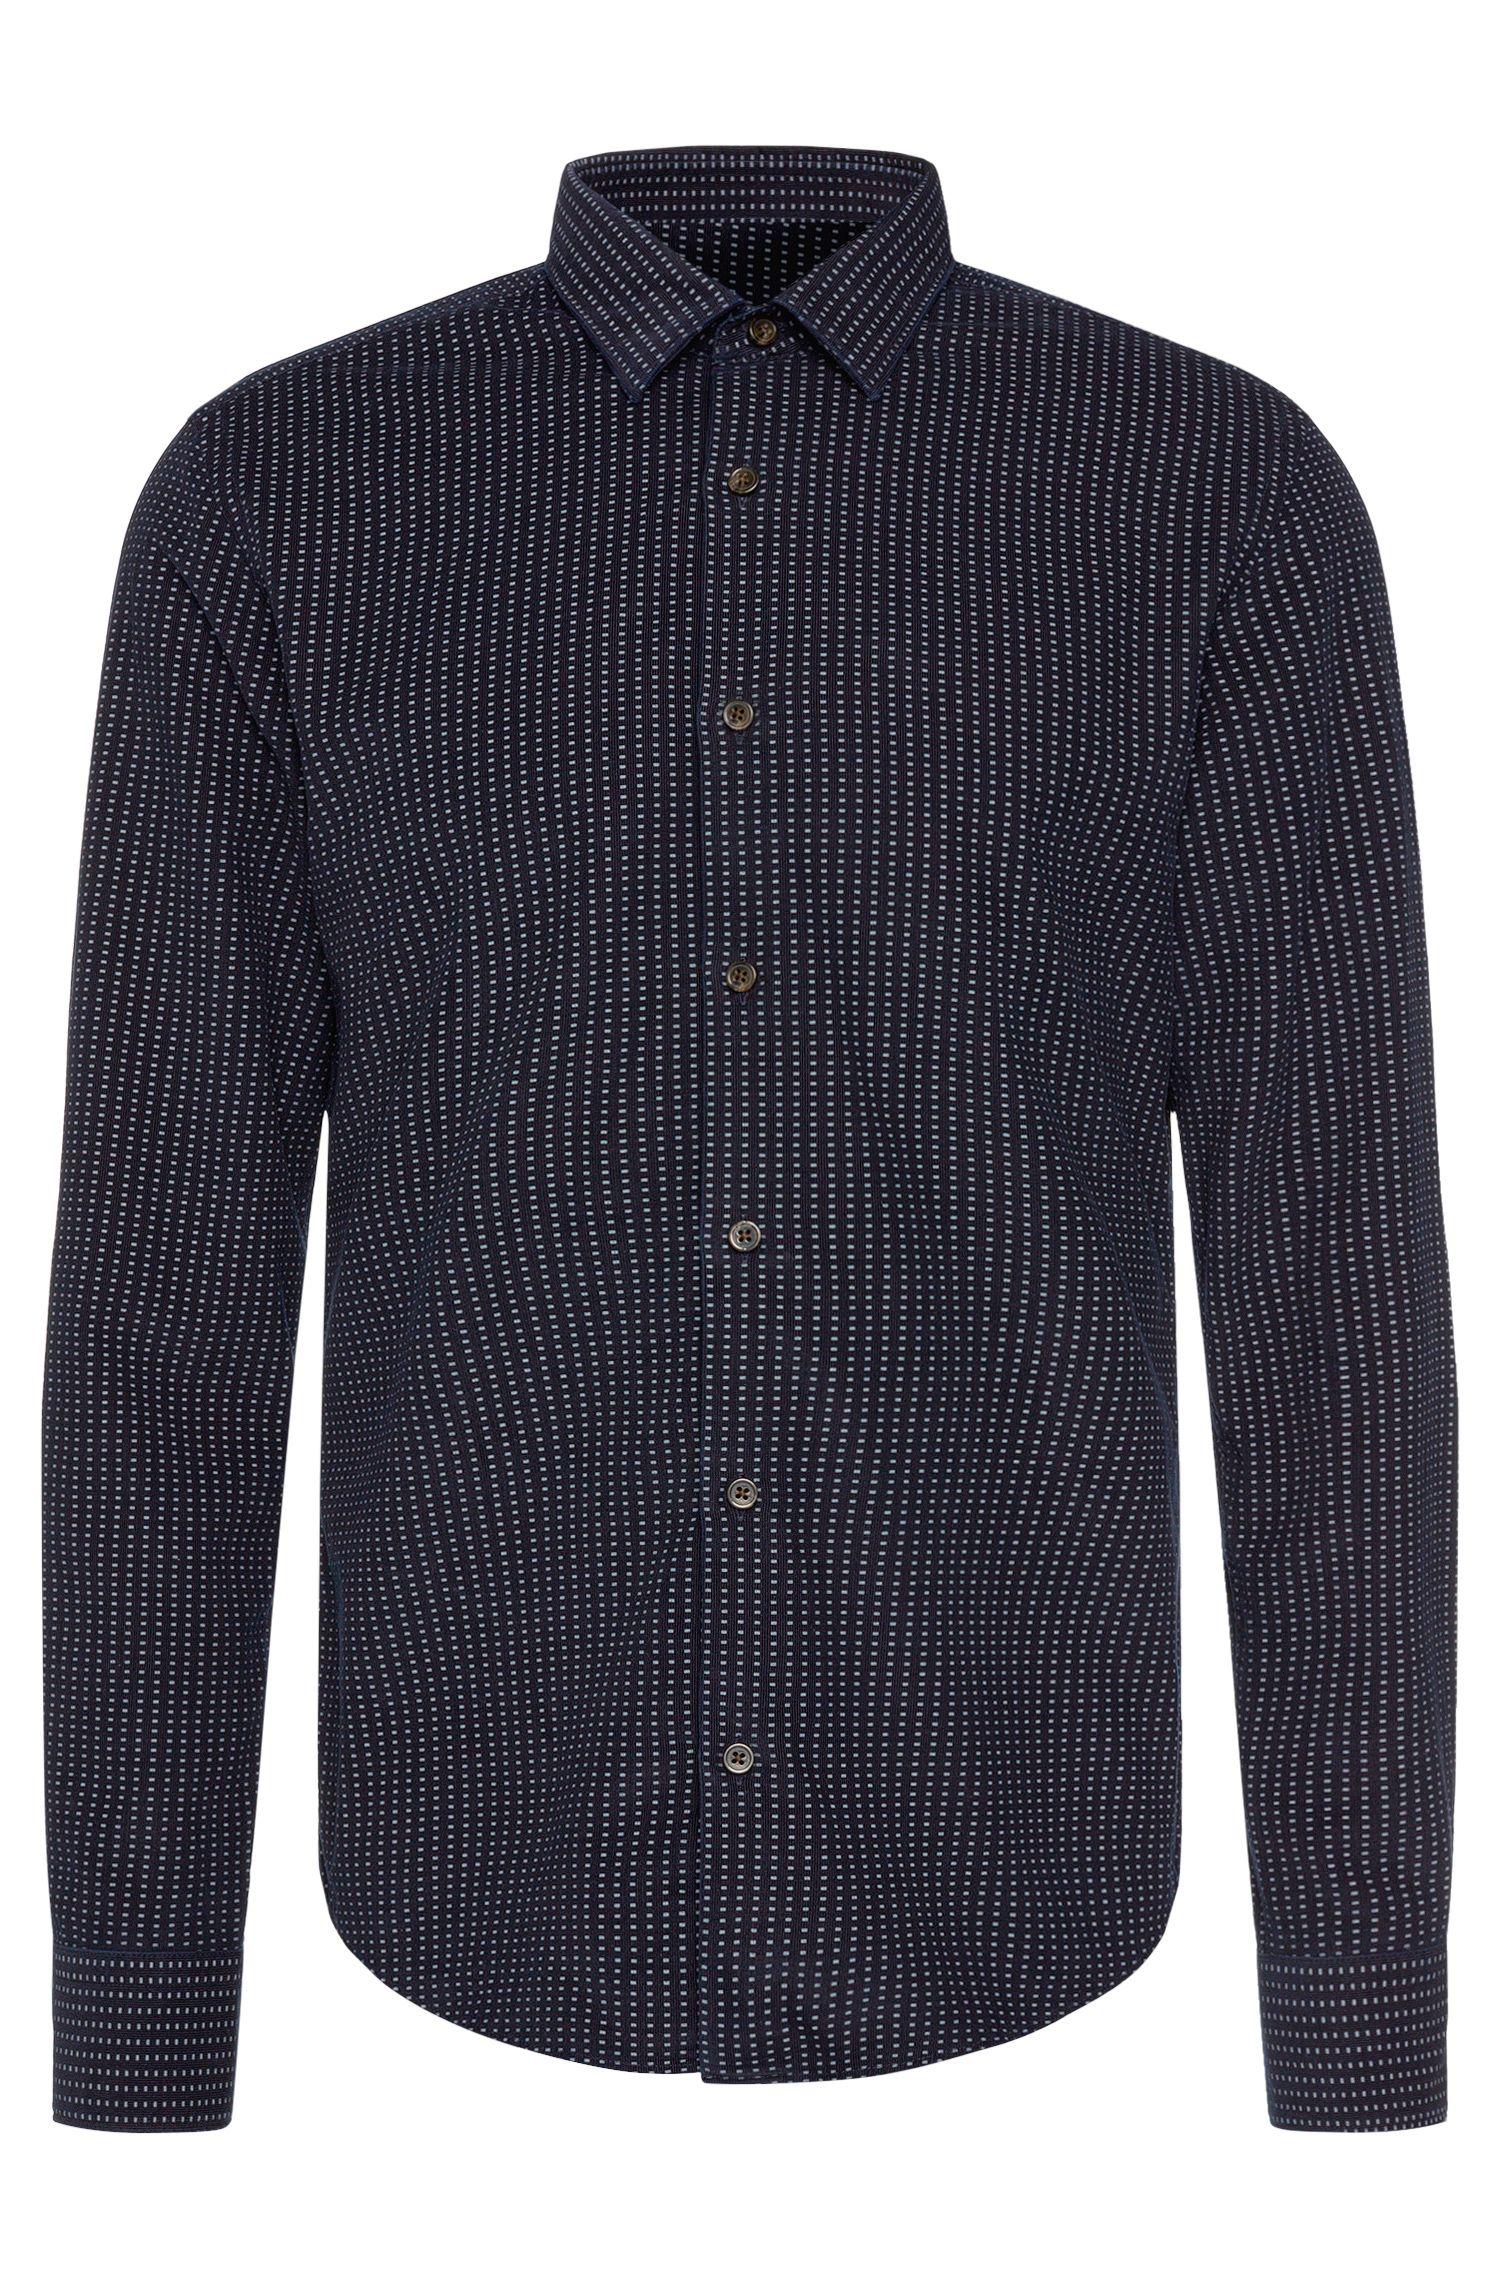 'Reid' | Slim Fit, Cotton Patterned Button Down Shirt